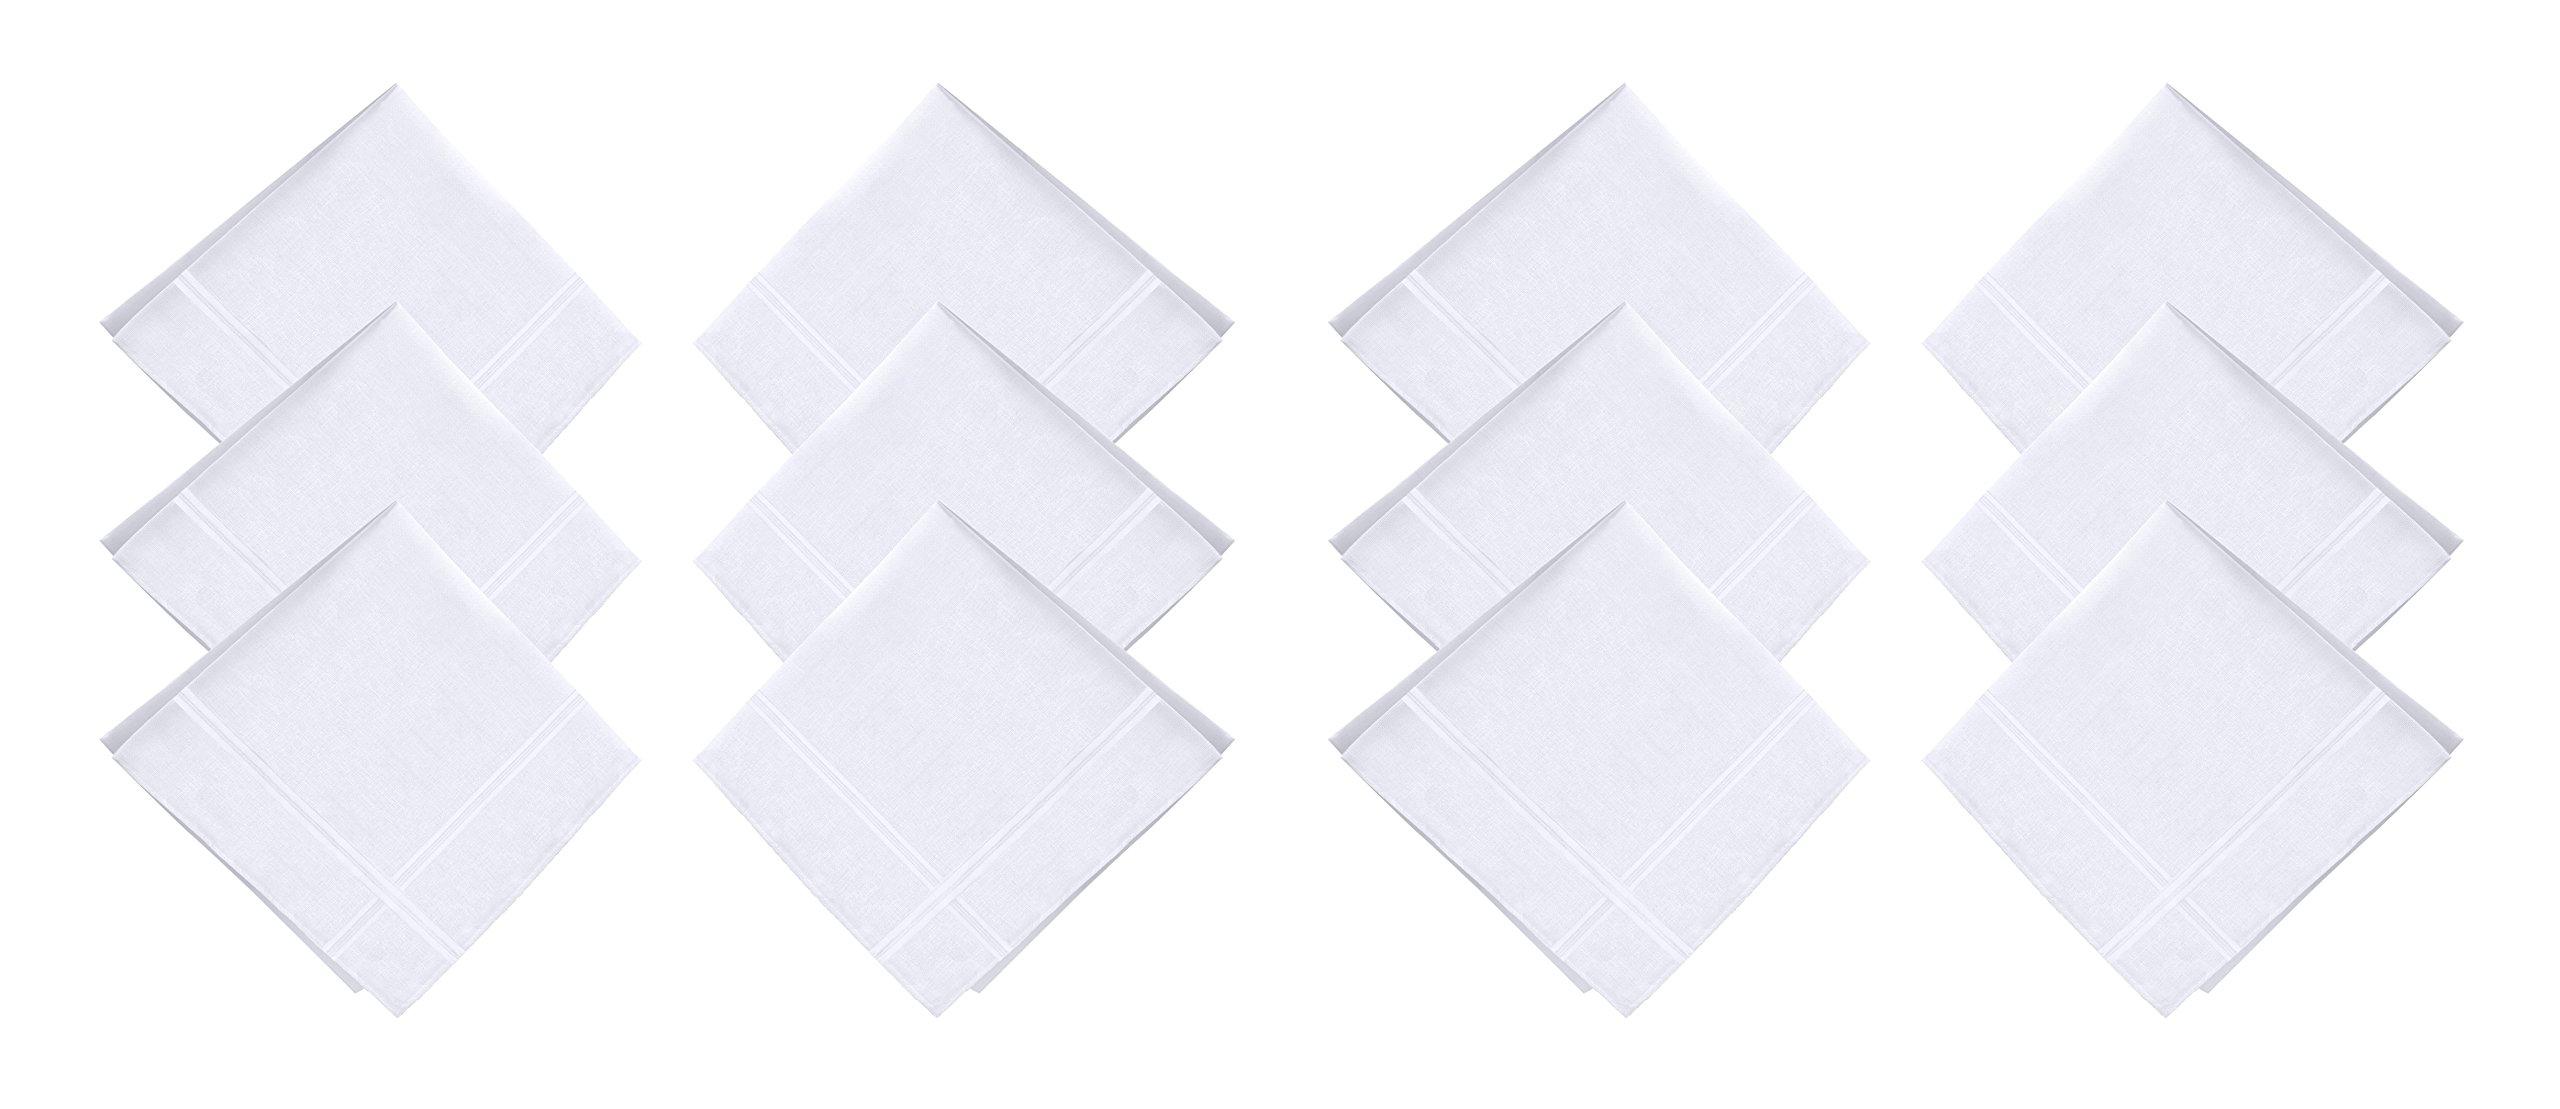 JFL - 100% Pure Cotton Color Strips Handkerchiefs for Men & Boys